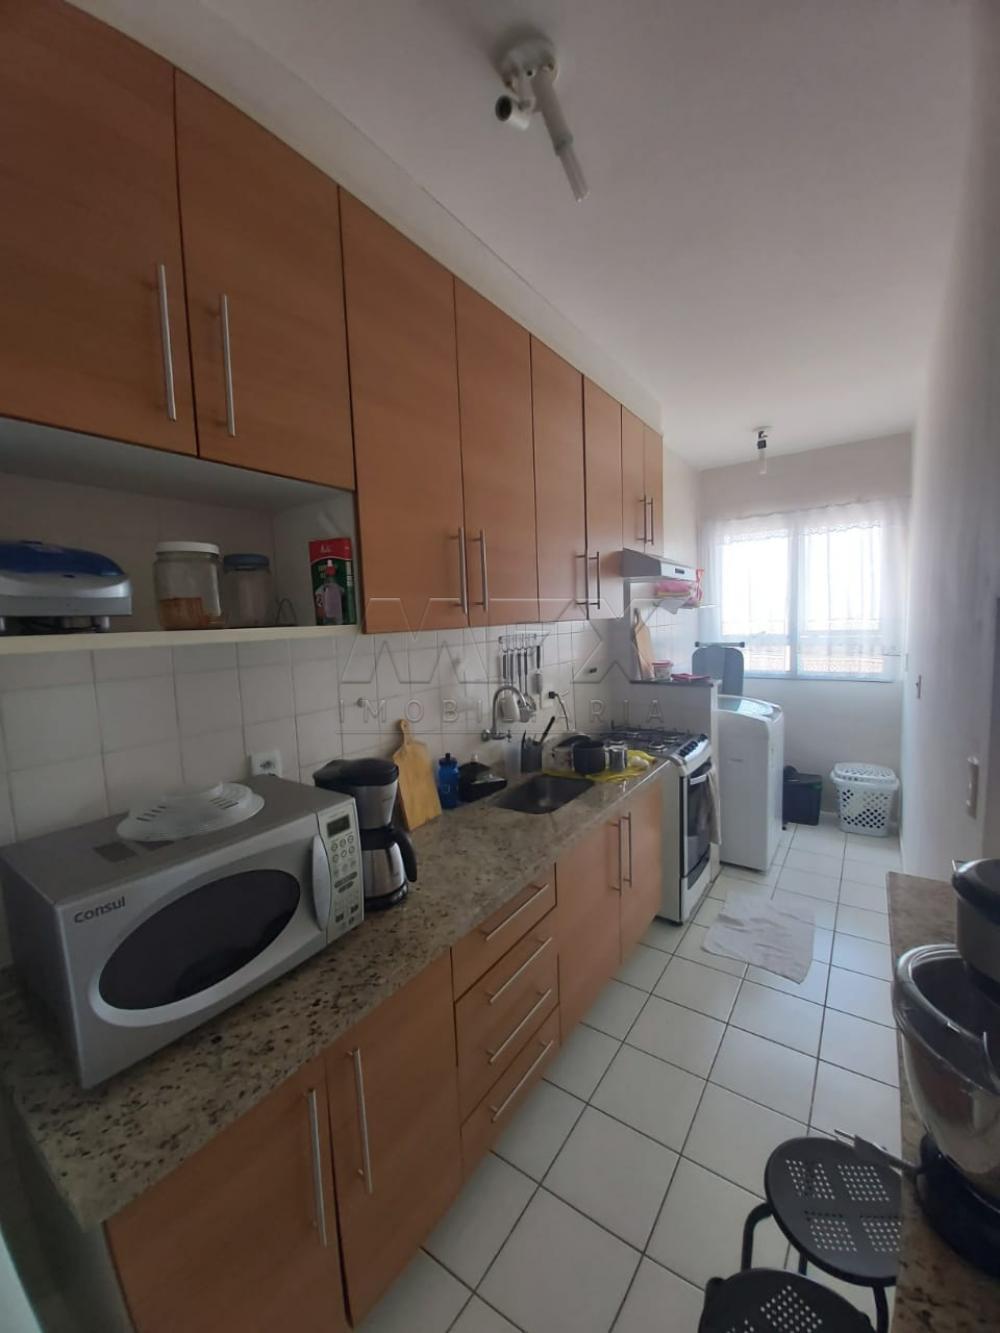 Comprar Apartamento / Padrão em Bauru apenas R$ 240.000,00 - Foto 13